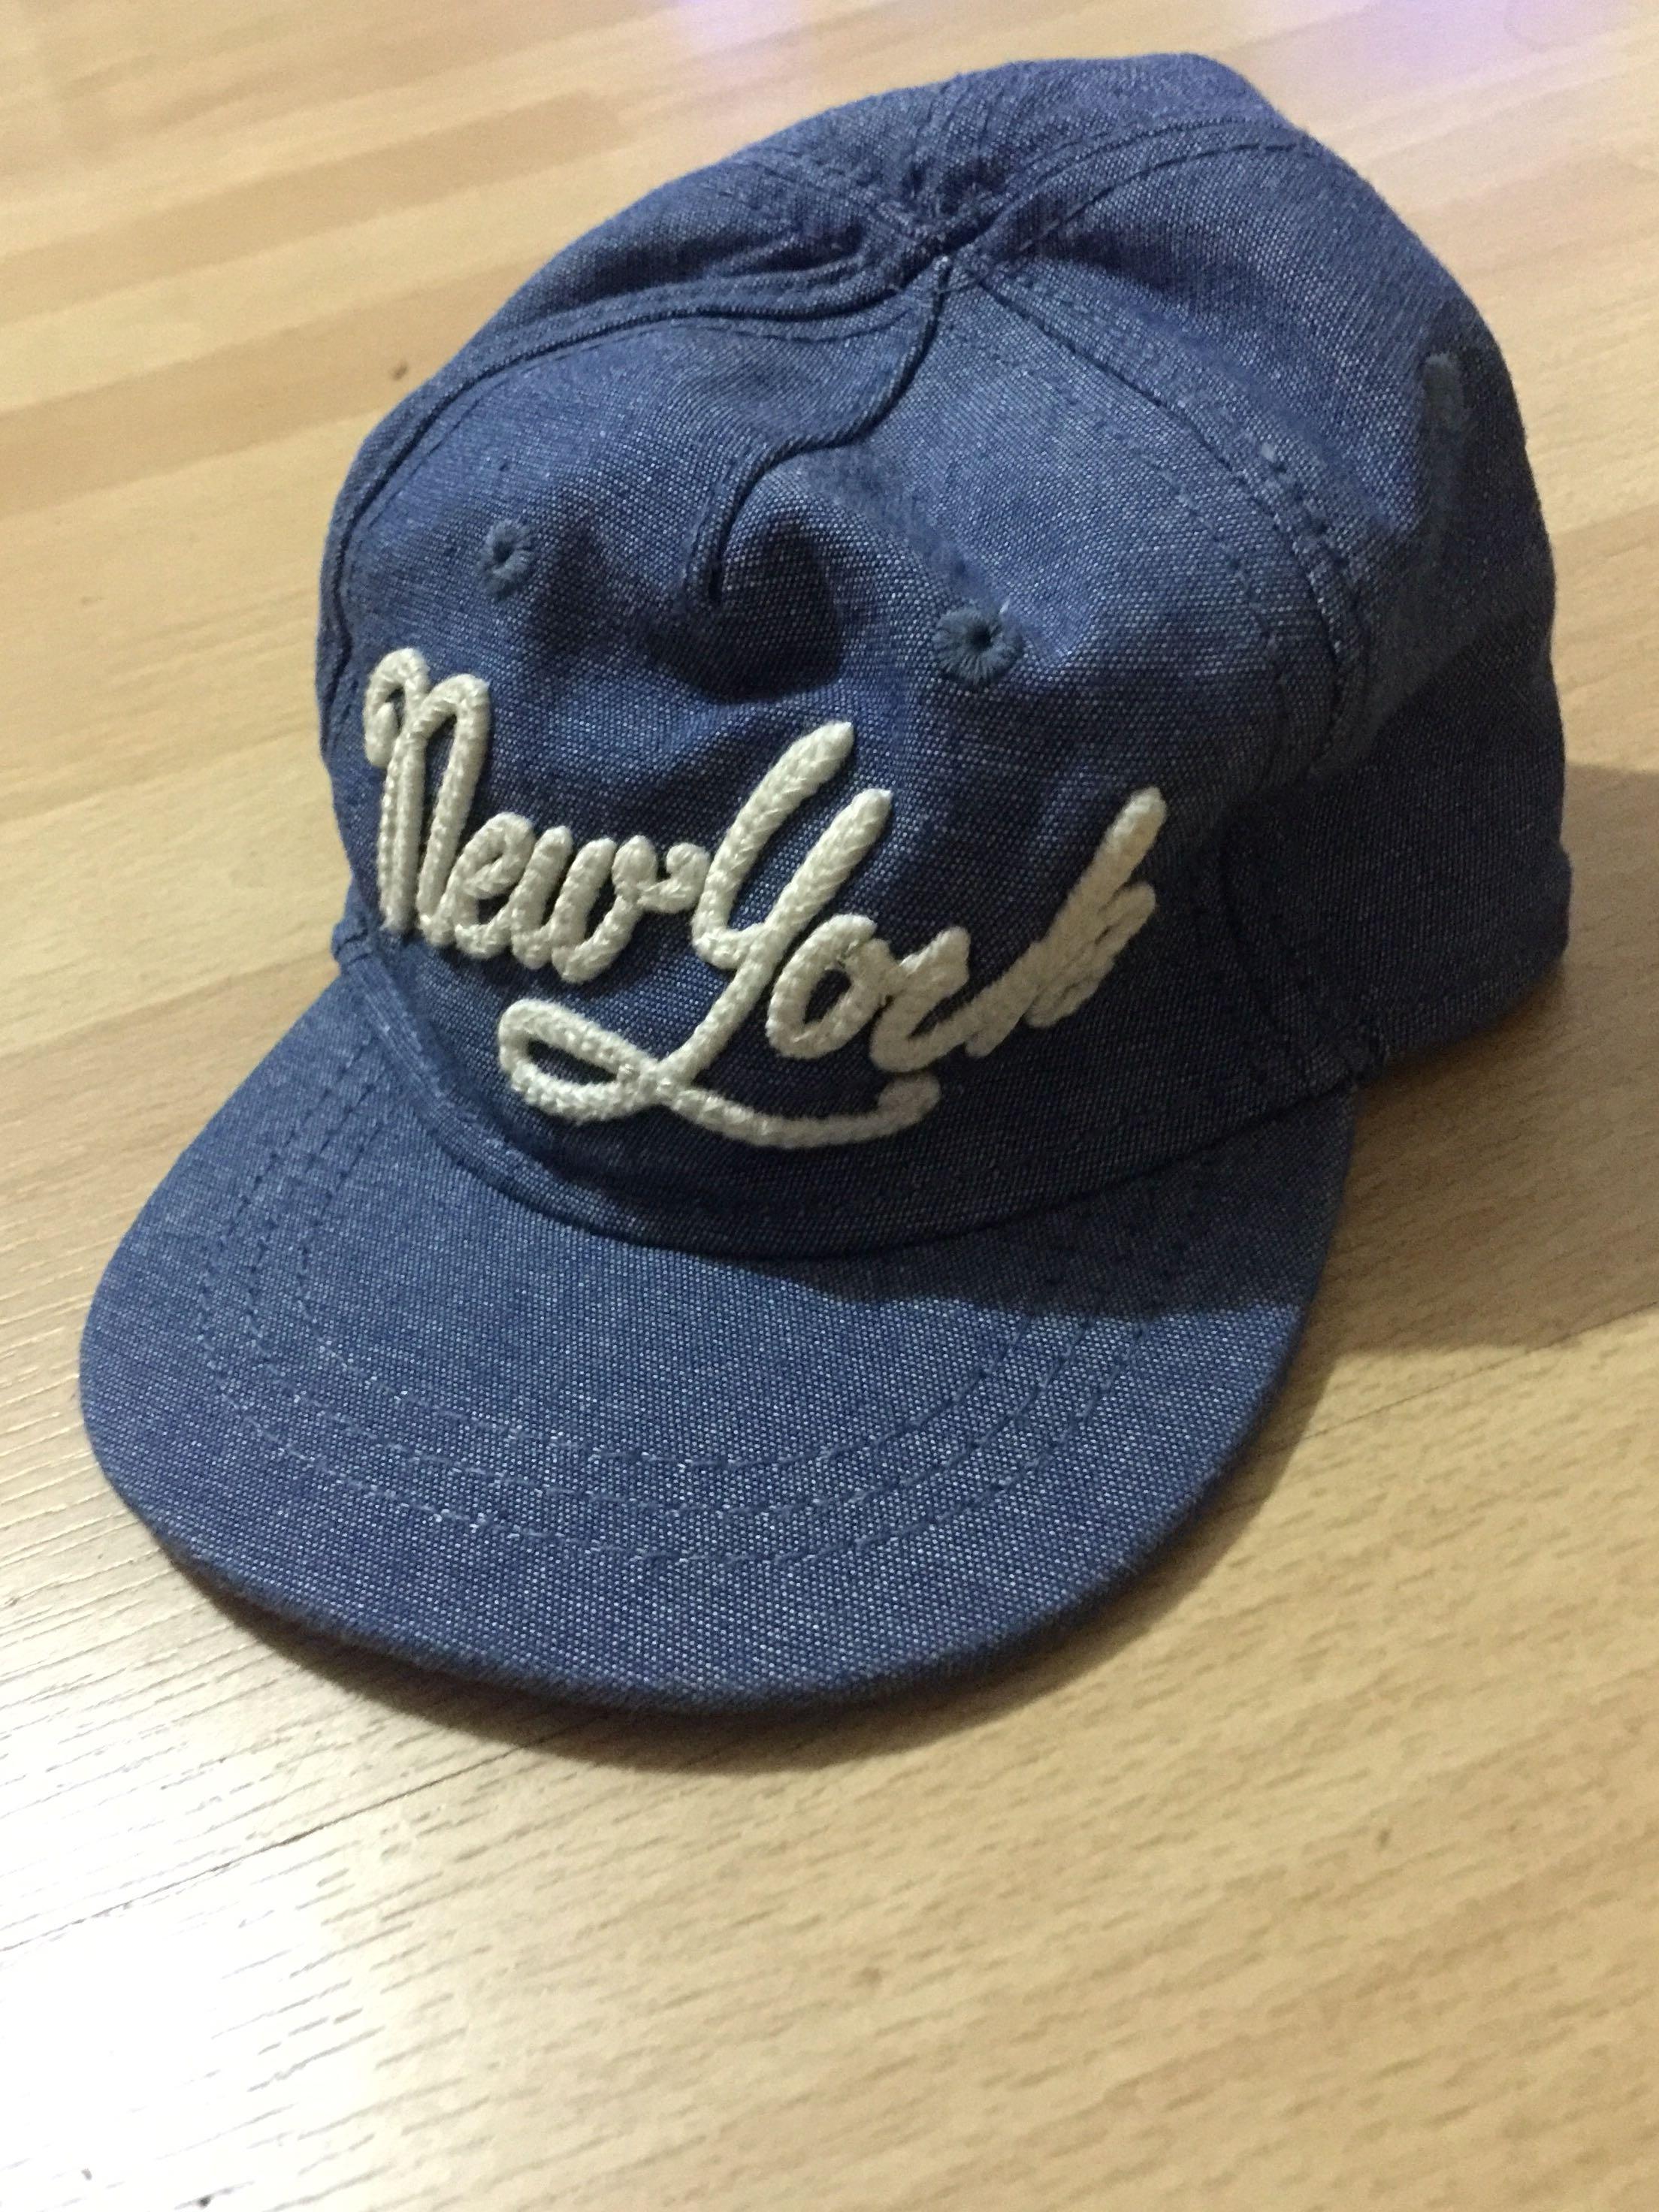 H M baseball cap for babies 4-6 months 37d68474d83